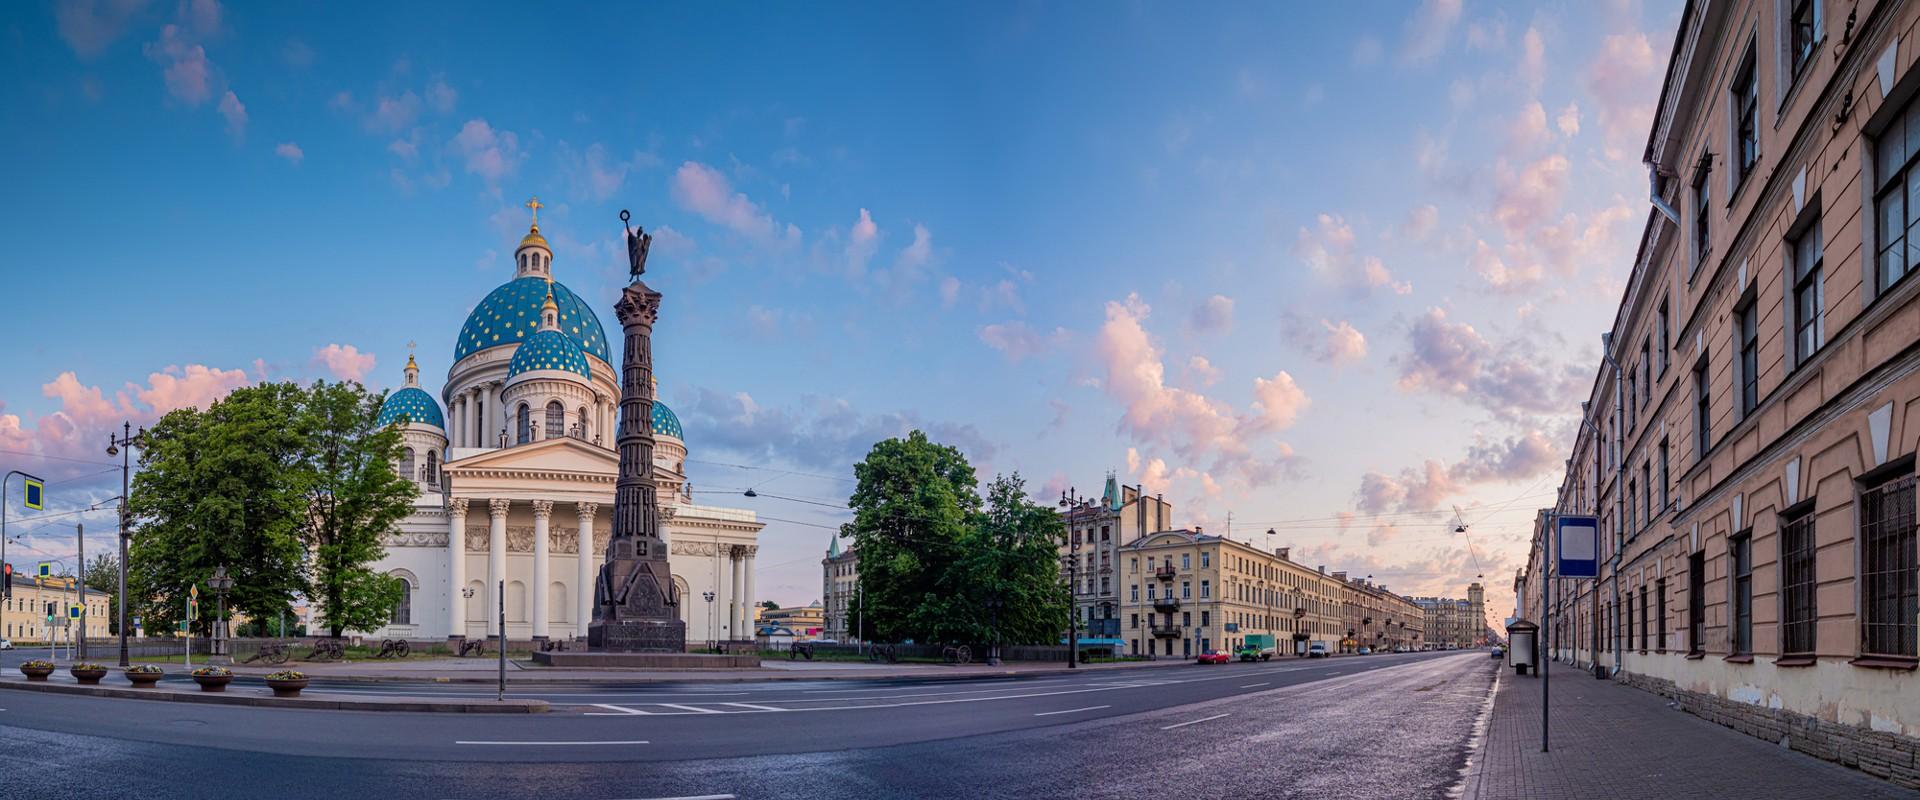 Собор Святой Живоначальной Троицы Лейб-Гвардии Измайловского полка в СПб